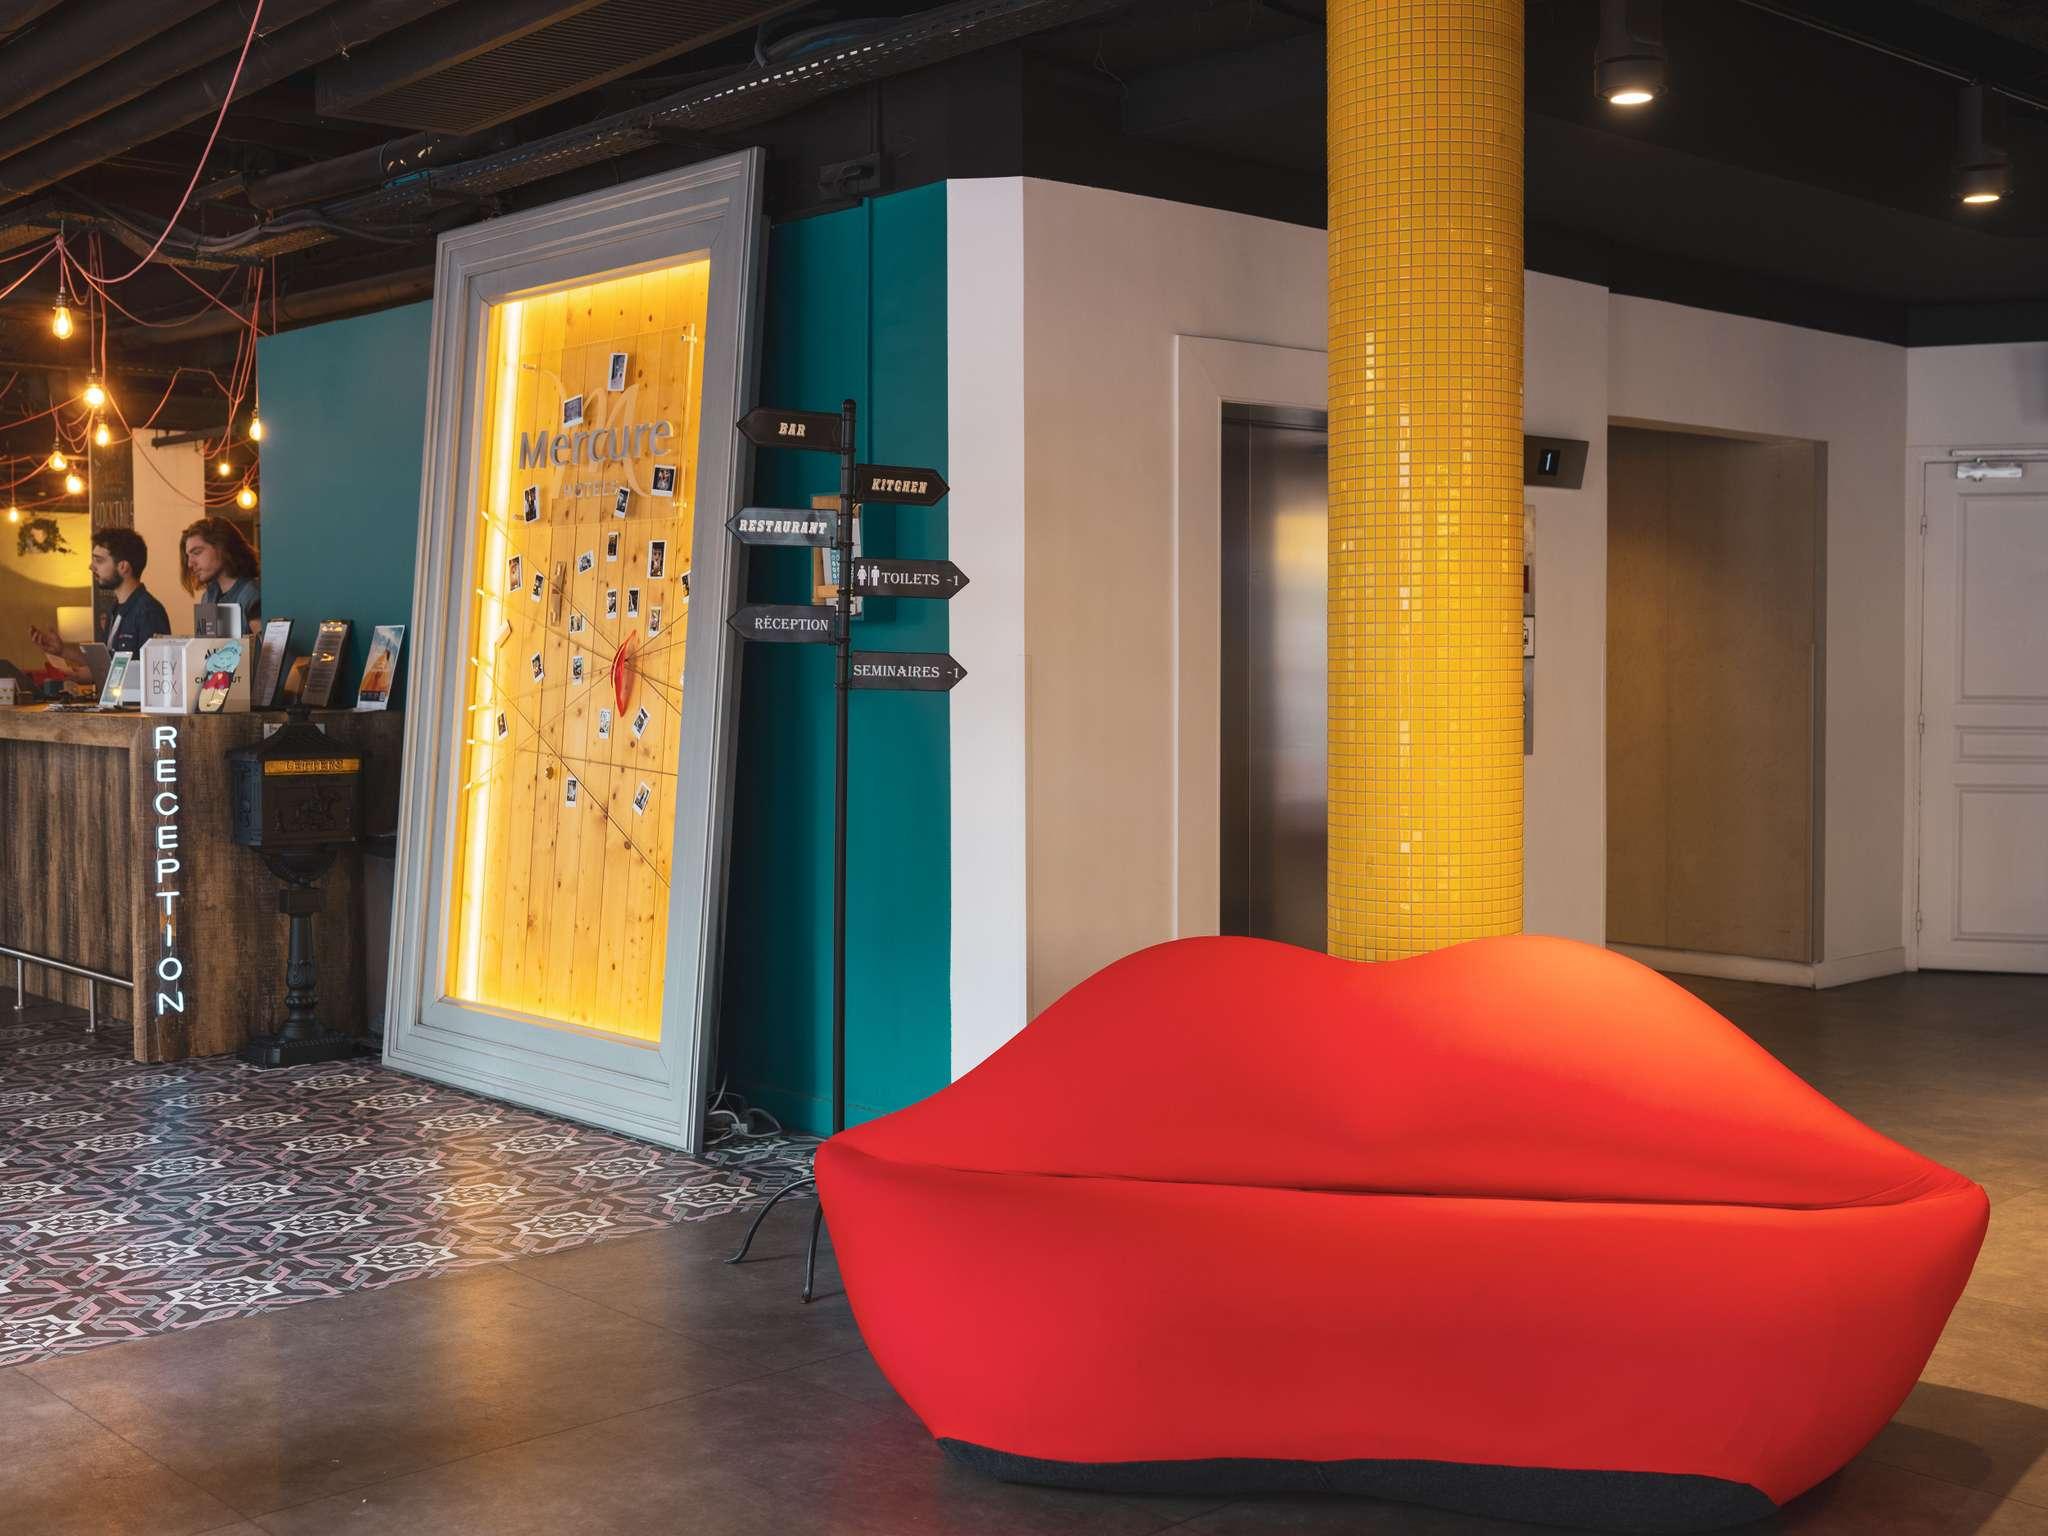 โรงแรม – โรงแรมเมอร์เคียว ปารีส มงต์ปาร์นาส